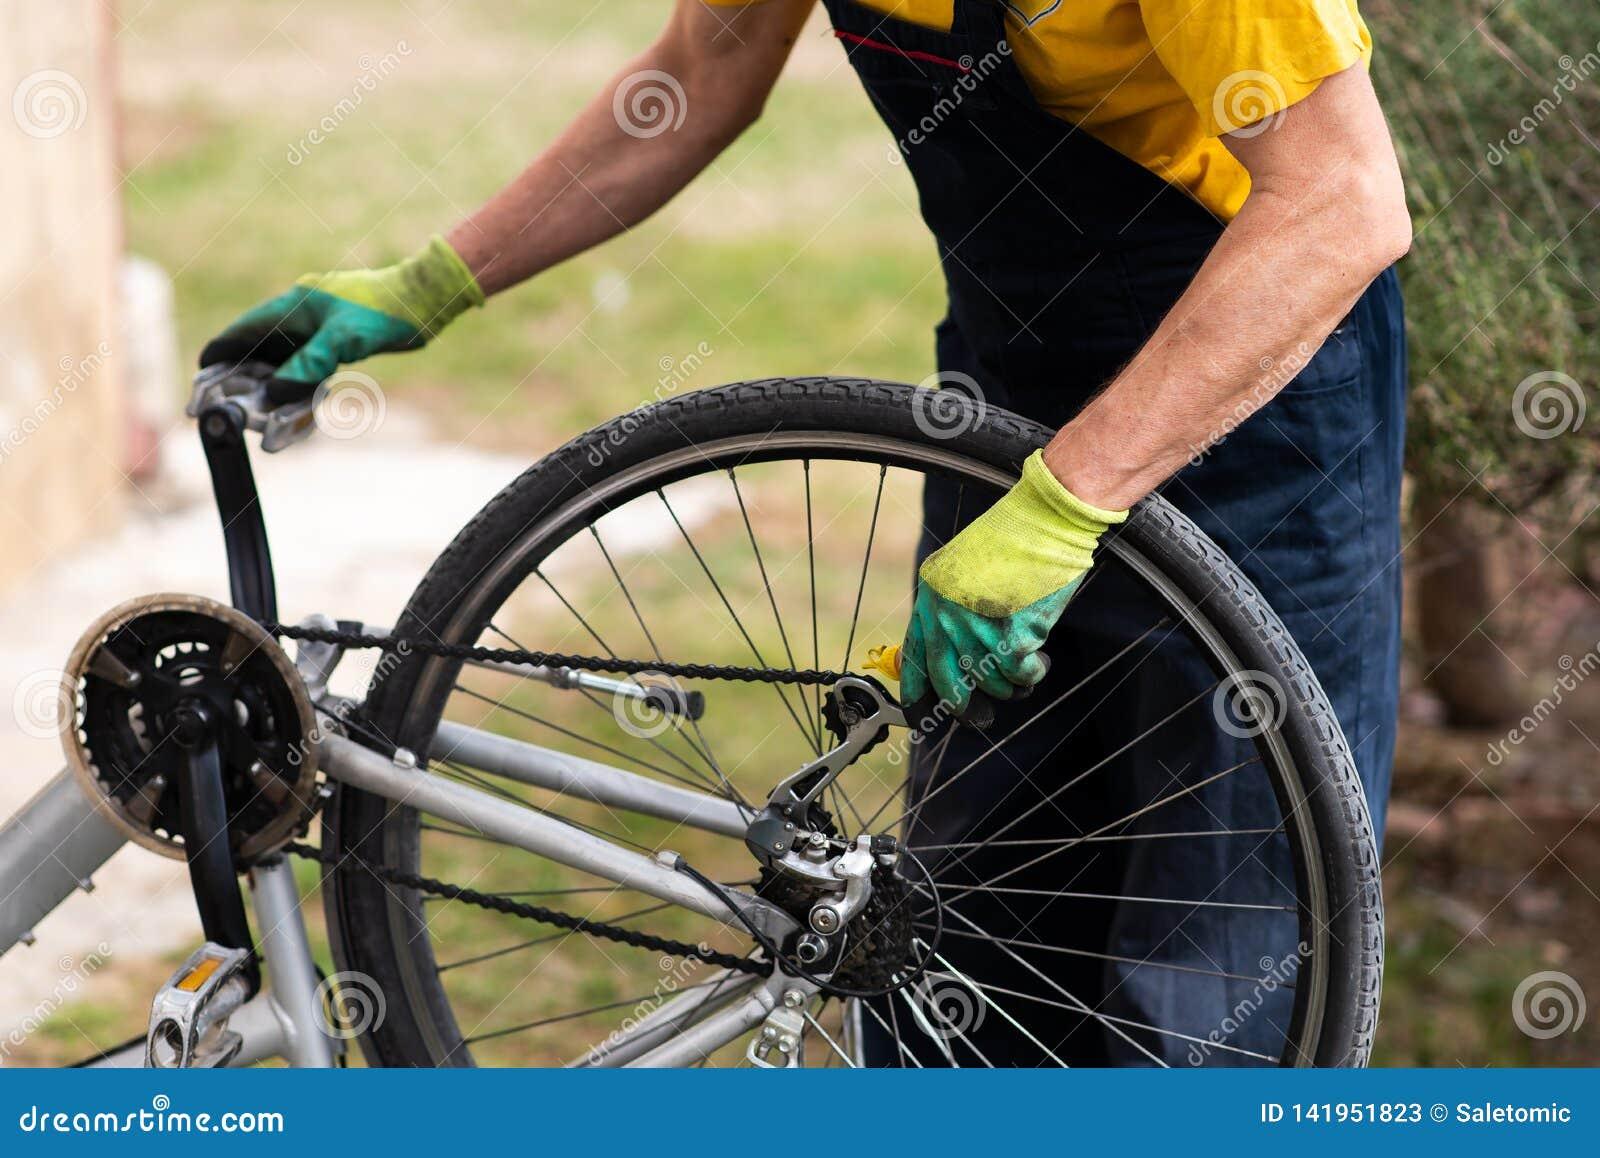 Mann, der die Fahrradkette instandhält während der neuen Jahreszeit schmiert